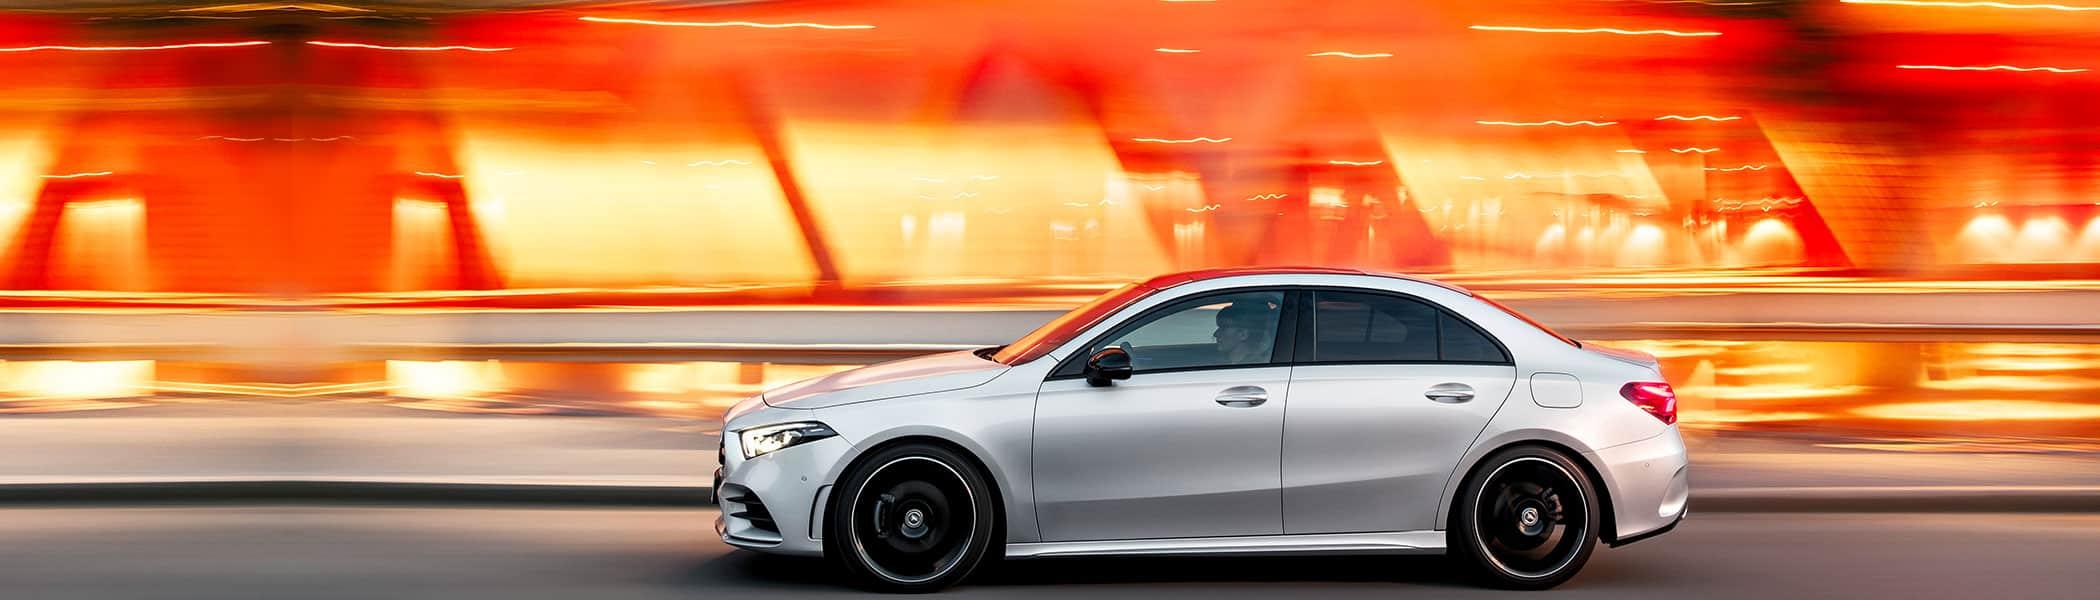 The new 2019 Mercedes-Benz A-Class Sedan